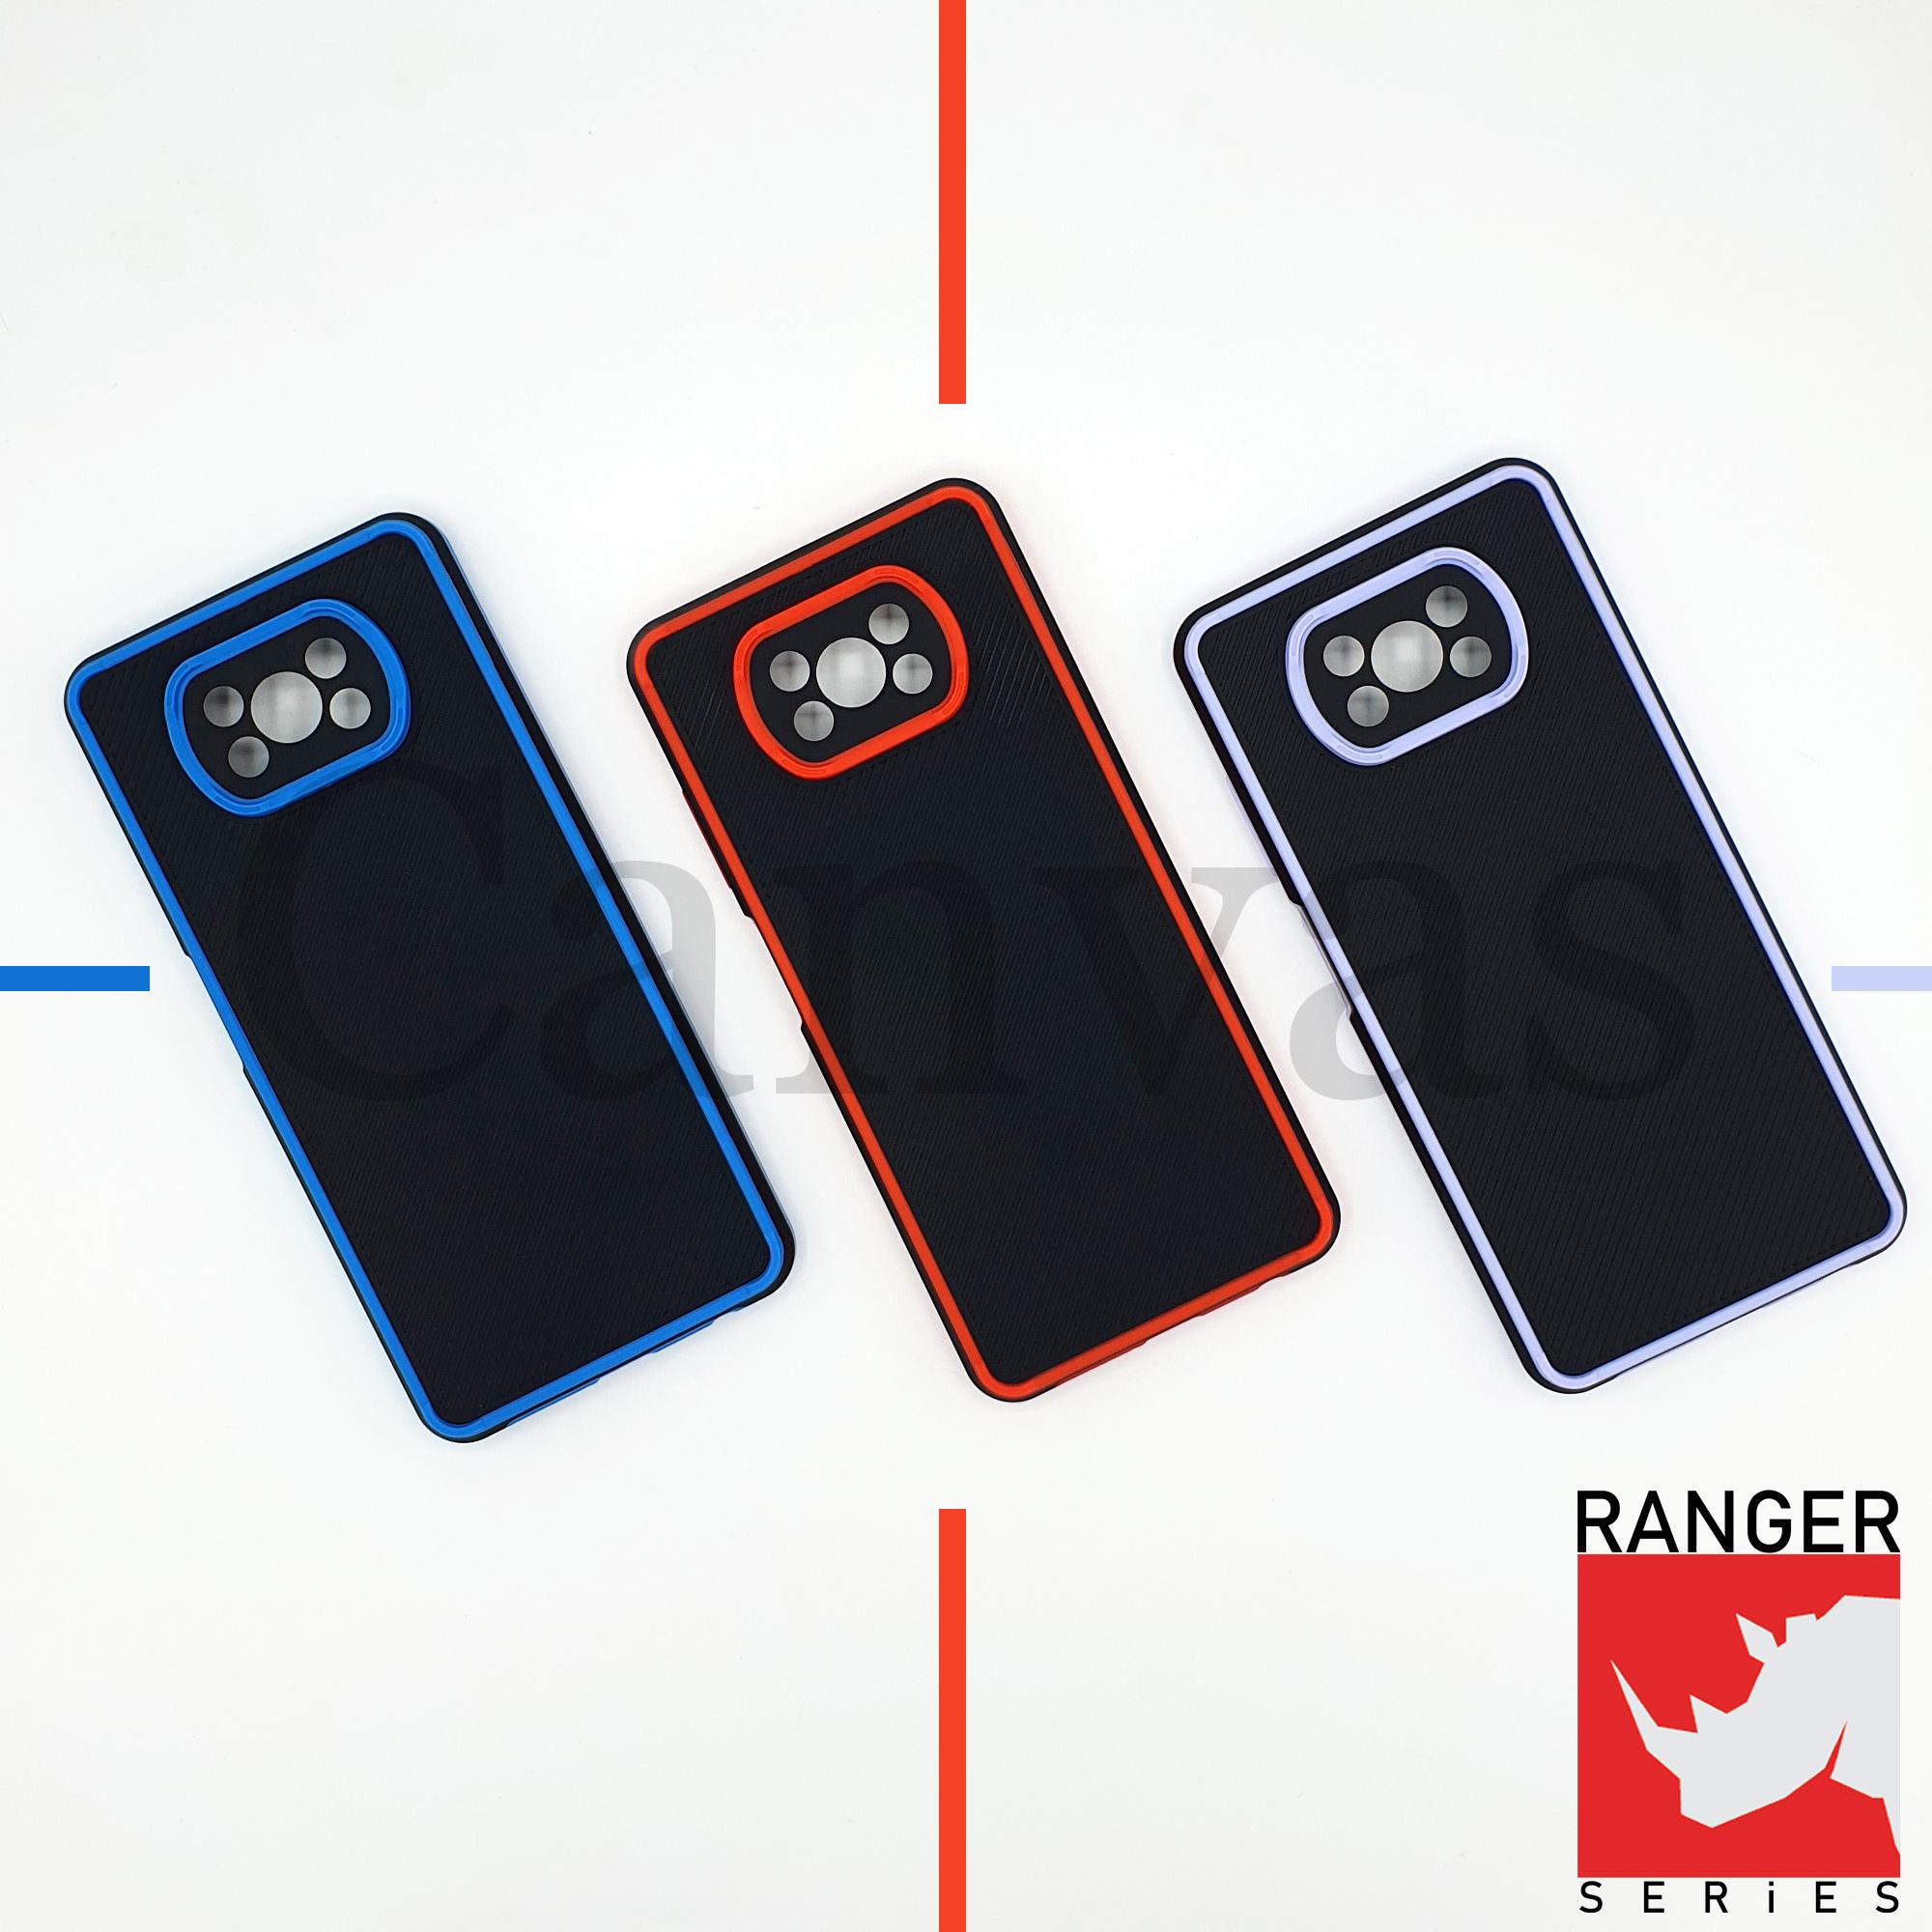 کاور کانواس مدل RANGER مناسب برای گوشی موبایل شیائومی Mi POCO X3 NFC thumb 2 2